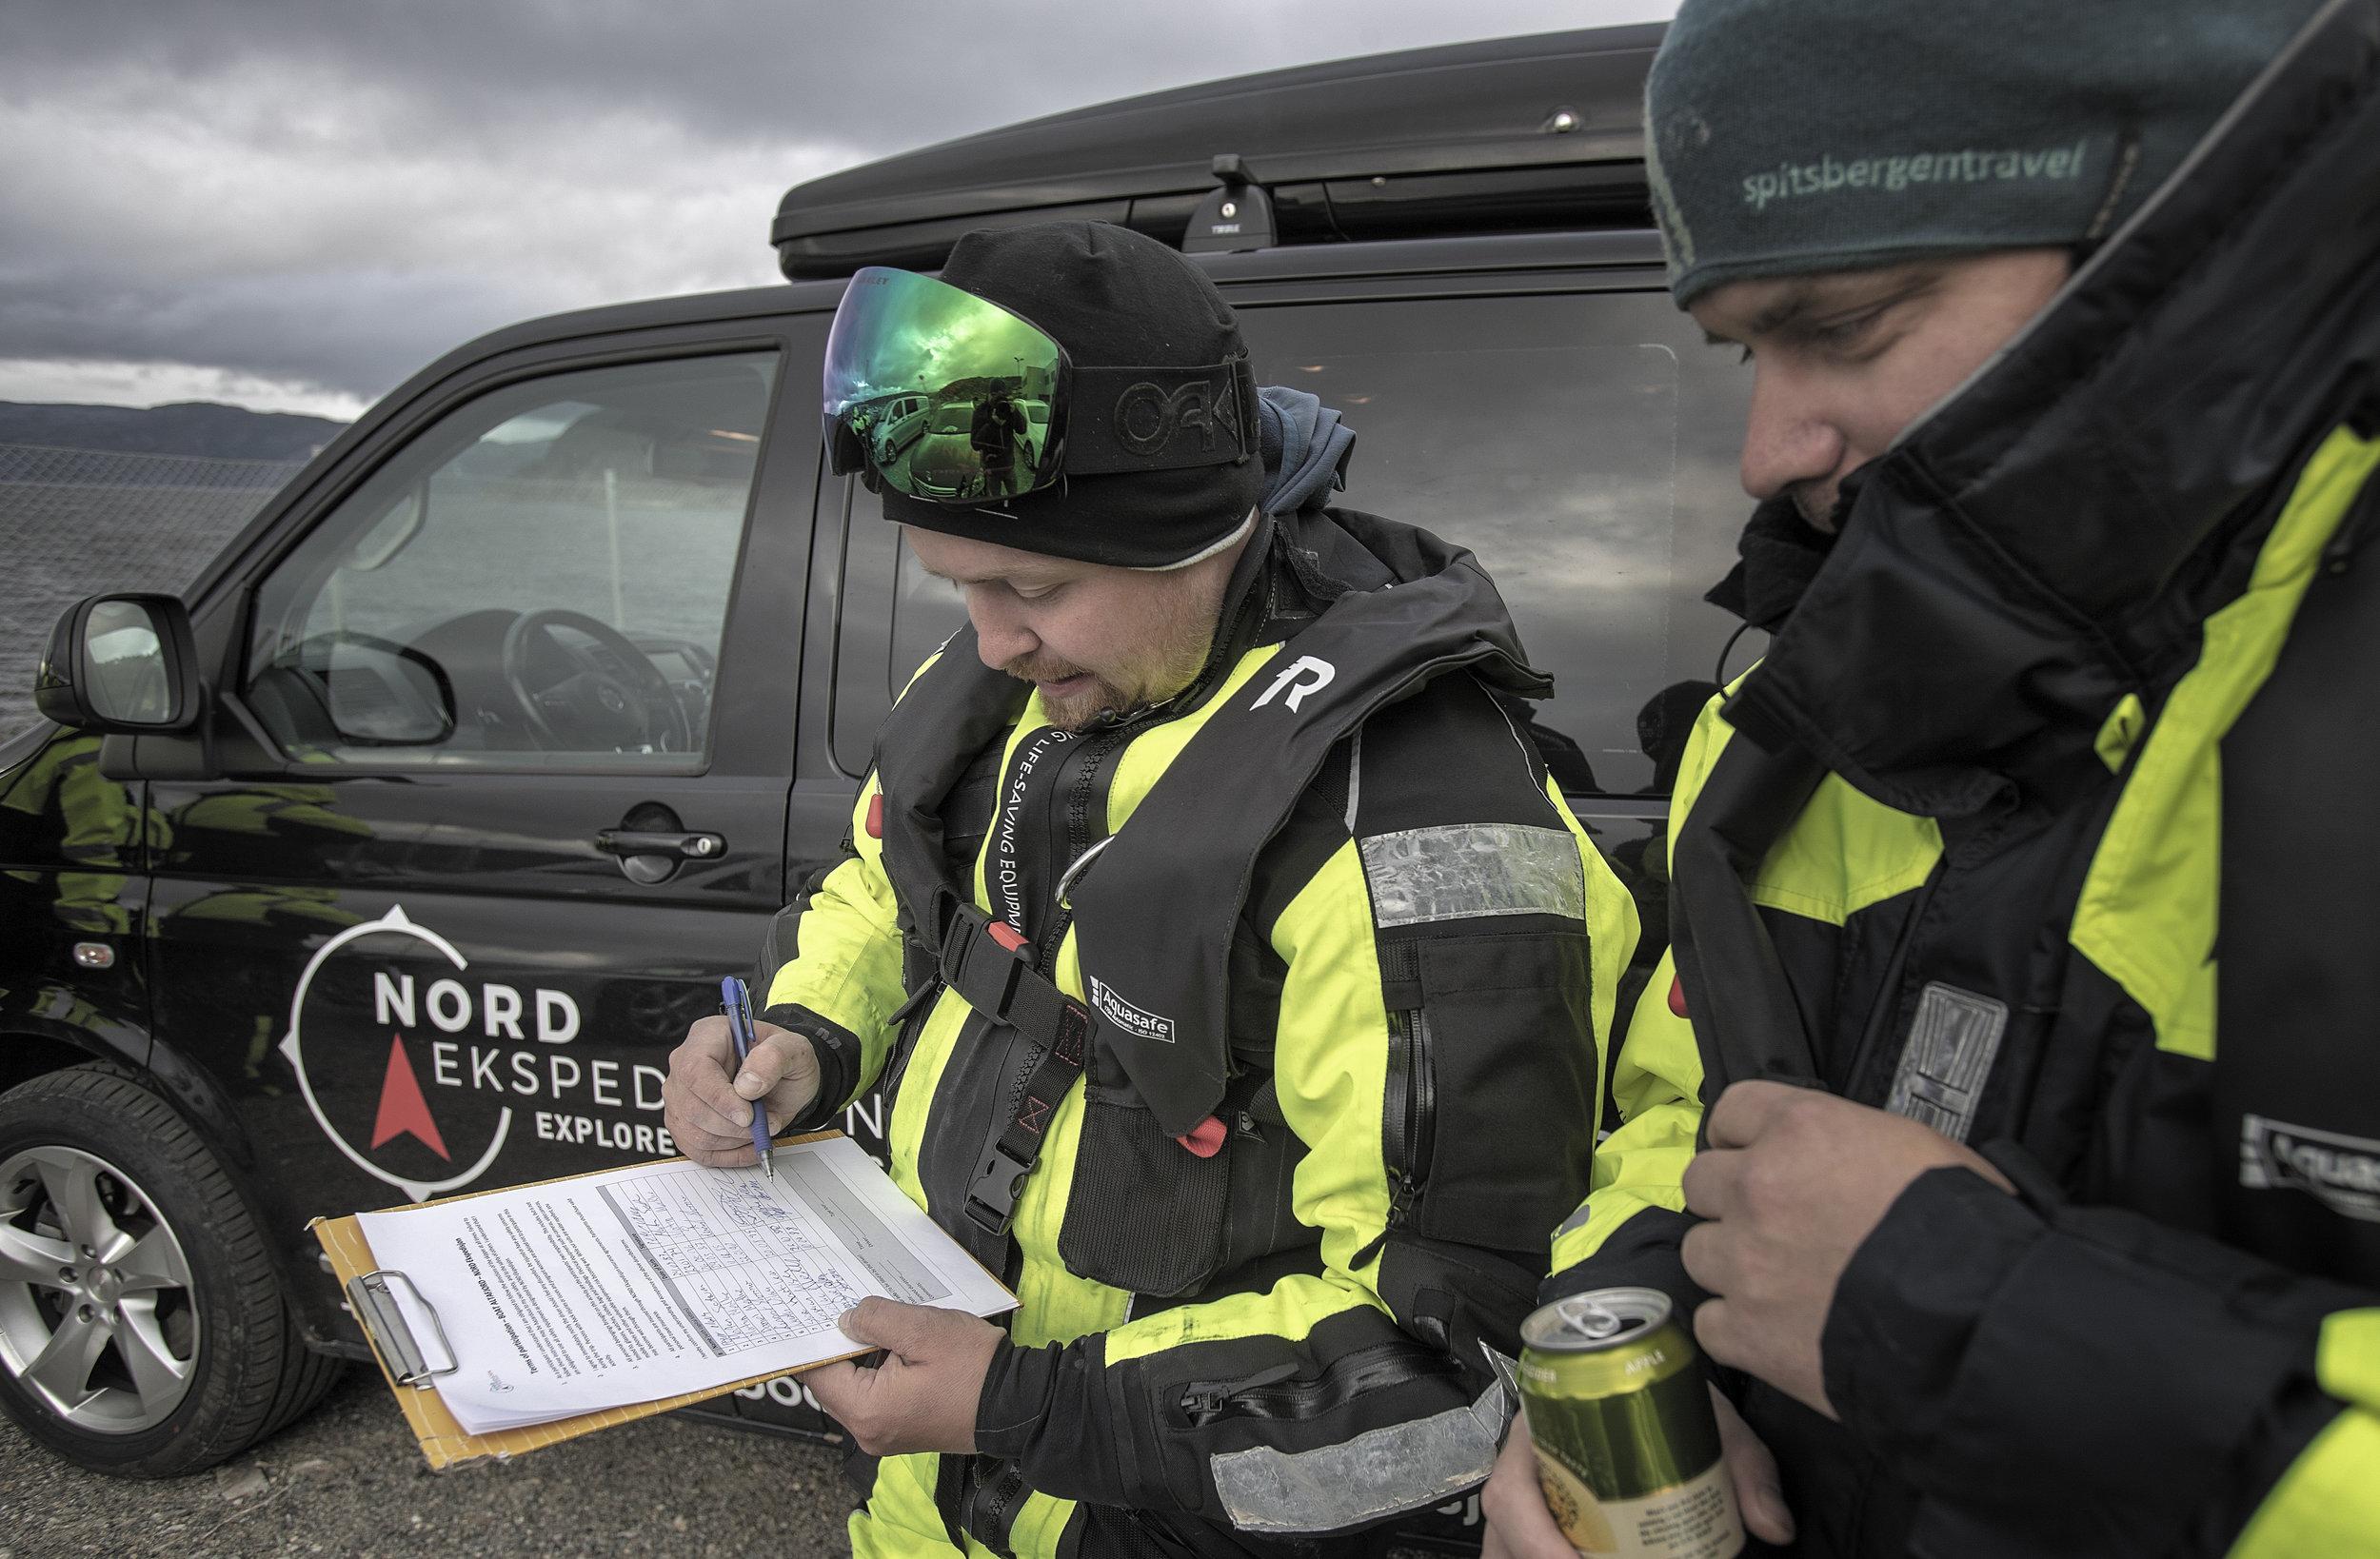 ALLE MANN OM BORD: Passasjerliste er et krav før turen på havet kan begynne. Vegard Uglebakken sjekker at Jørn-Roar Pedersen og de andre gjestene også har skrevet fødselsdato.